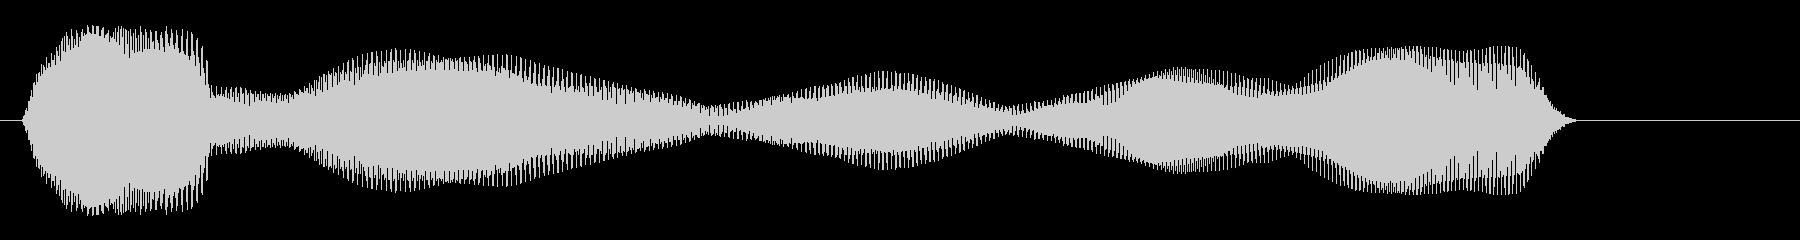 わぁーという強弱のある効果音の未再生の波形